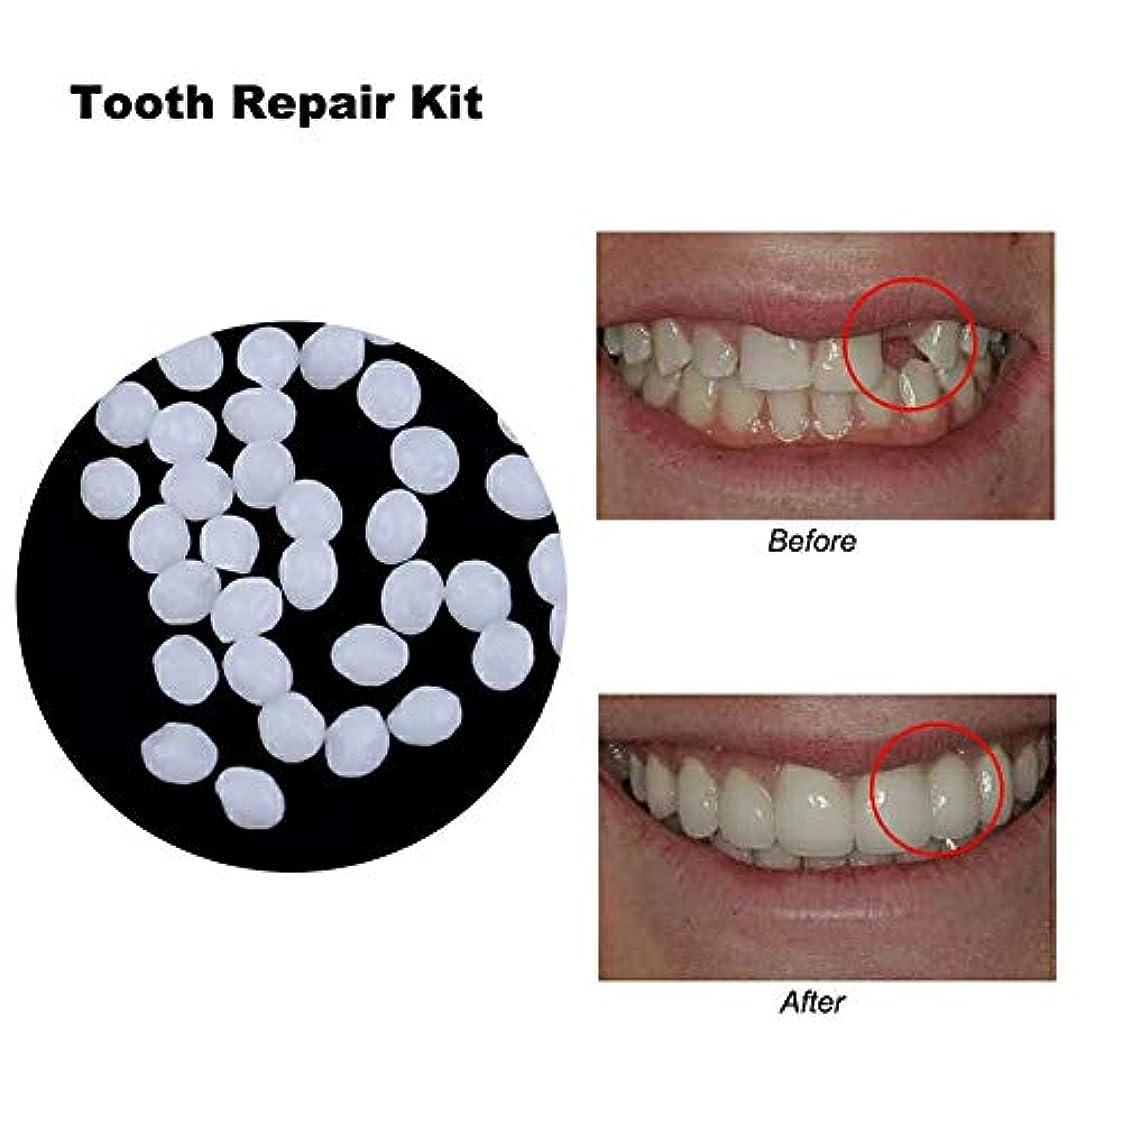 今日天の小売偽歯固体接着剤、樹脂の歯とギャップのための一時的な化粧品の歯の修復キットクリエイティブ義歯接着剤,10ml14g